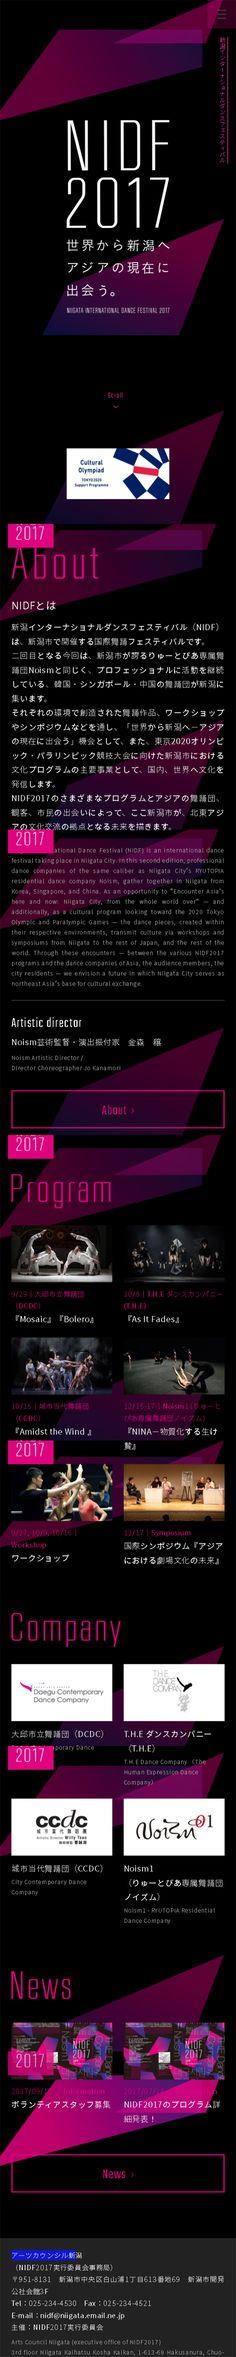 アーツカウンシル新様の「新潟インターナショナルダンスフェスティバル」のランディングページ(LP)かっこいい系|イベント・キャンペーン・ギフト